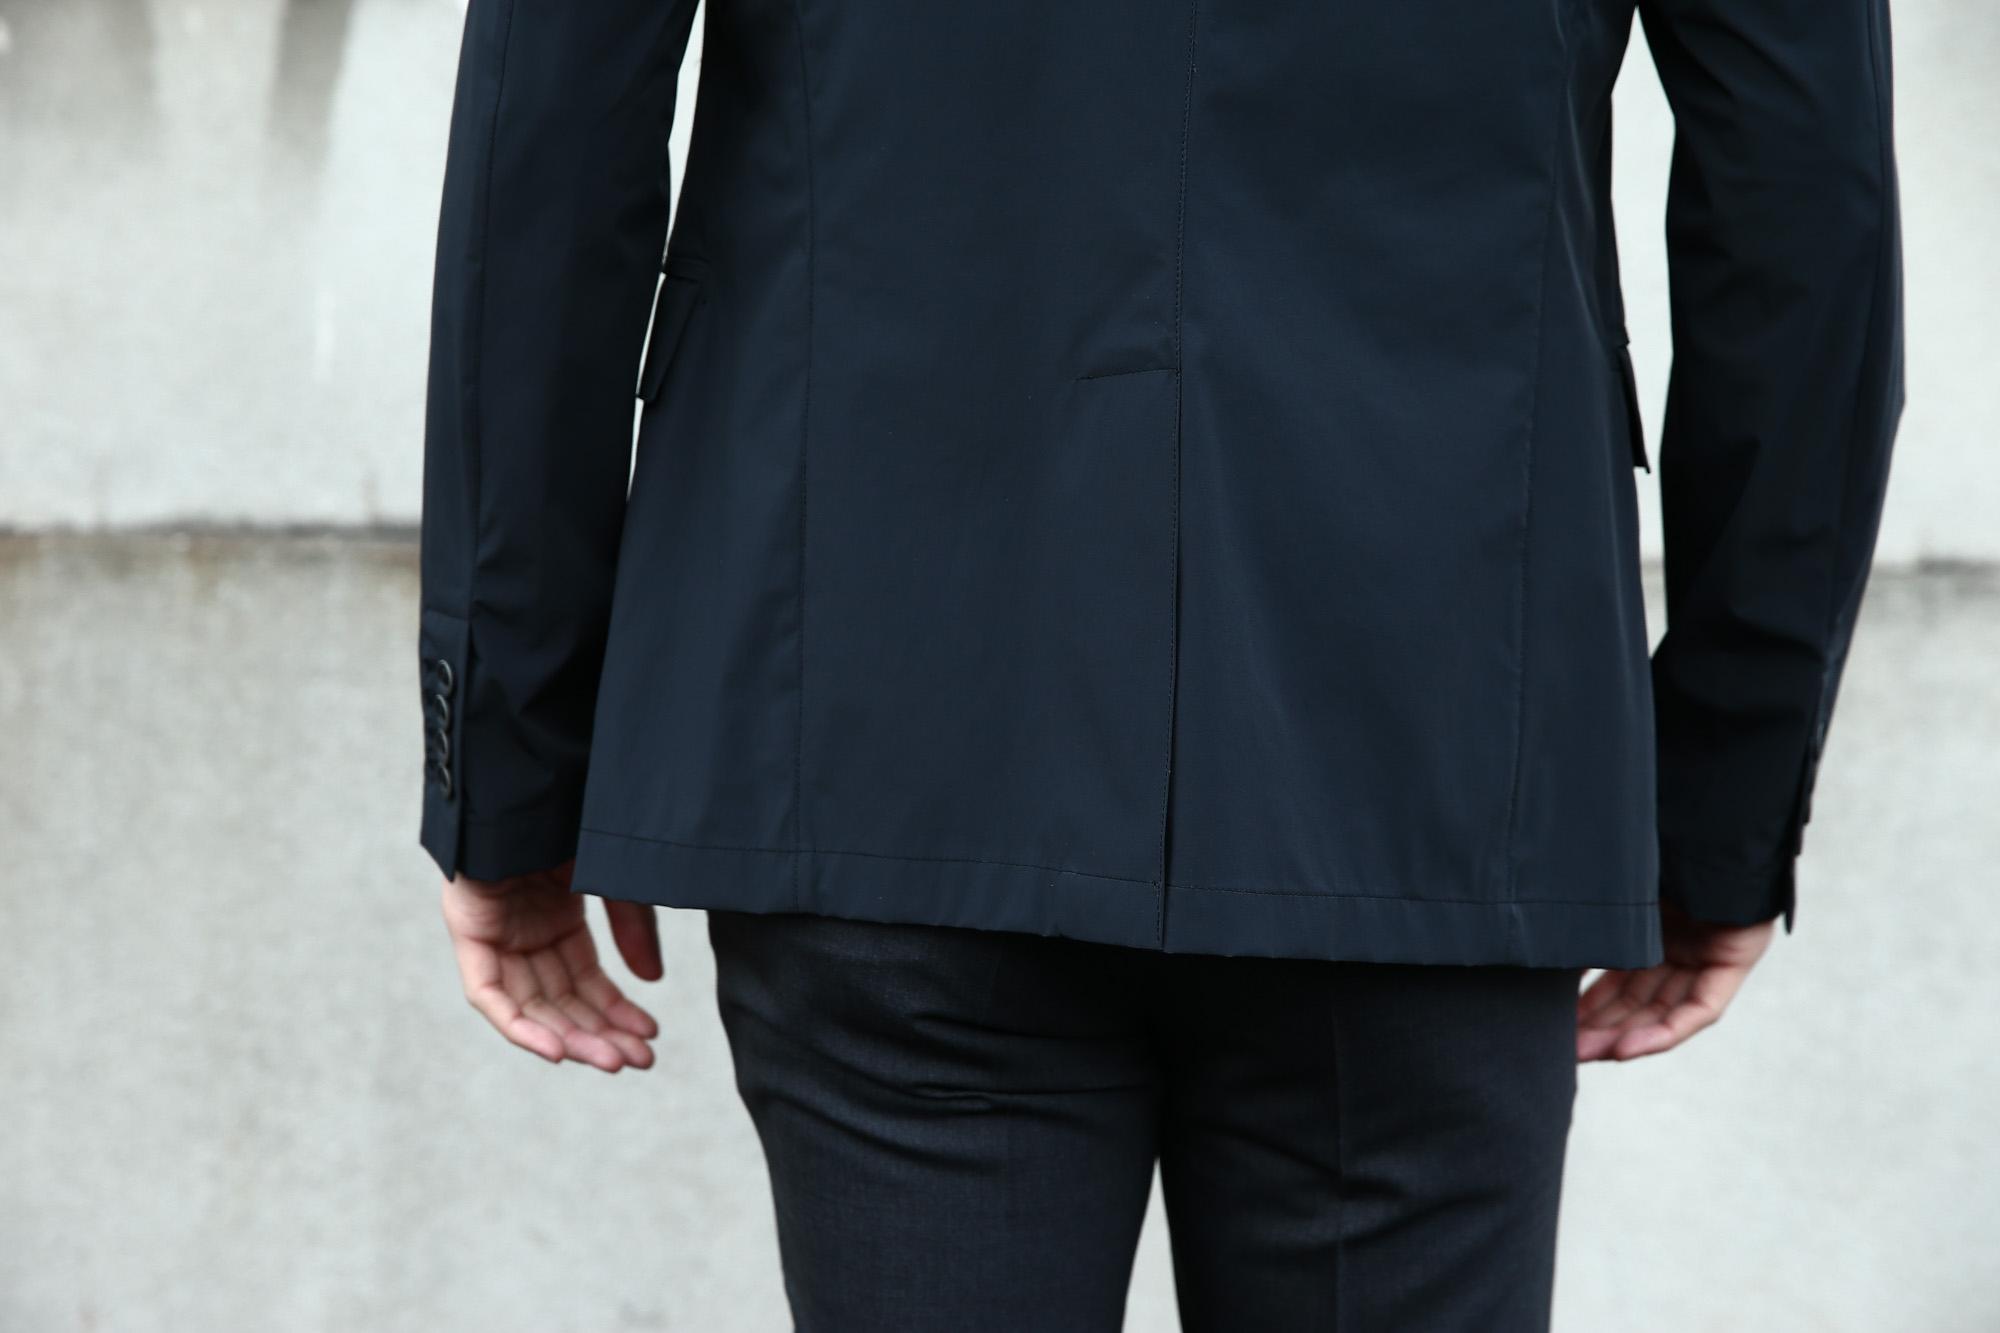 【HERNO / ヘルノ】 GA0069U Stretch Nylon Jacket (ストレッチ ナイロン ジャケット) 撥水ナイロン 2Bジャケット BLACK (ブラック・9300) Made in italy (イタリア製) 2018 春夏新作  愛知 名古屋 Alto e Diritto アルト エ デリット 42,44,46,48,50,52,54